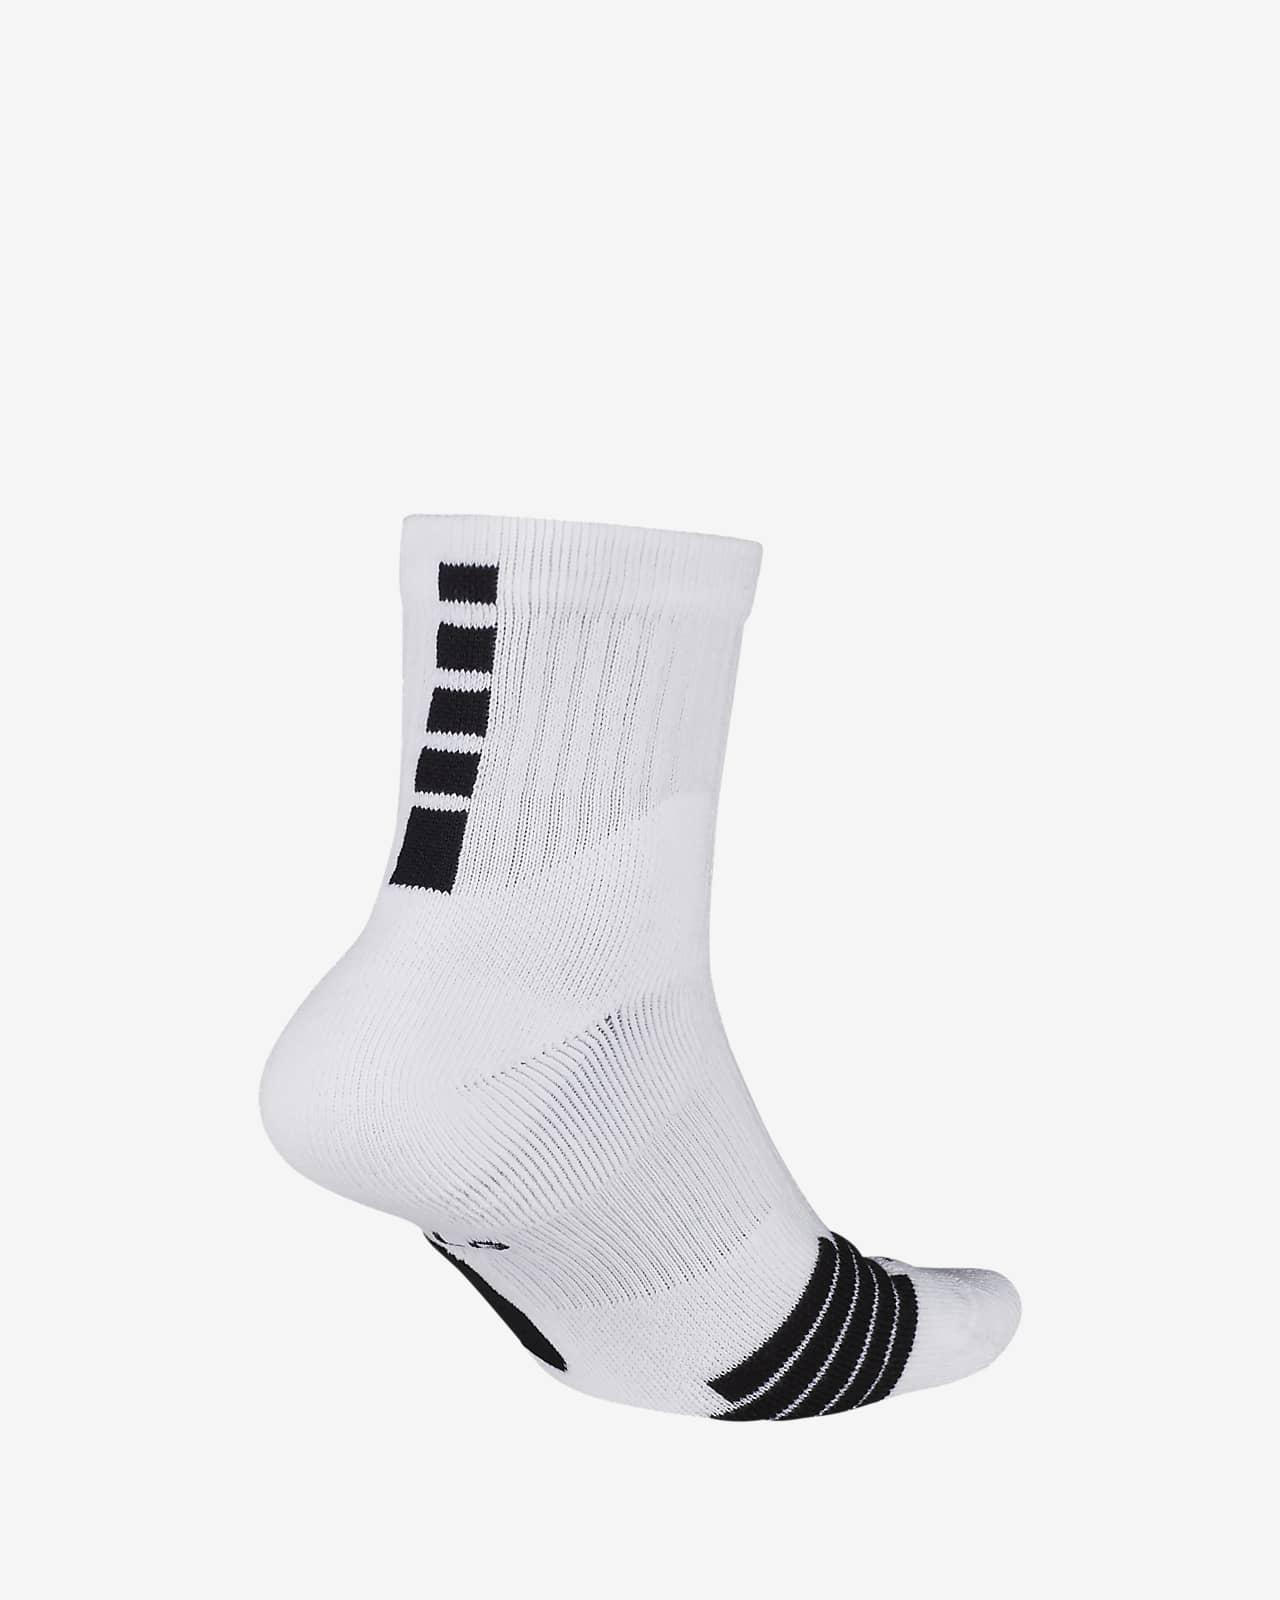 Nike Elite Mid Basketball Socks